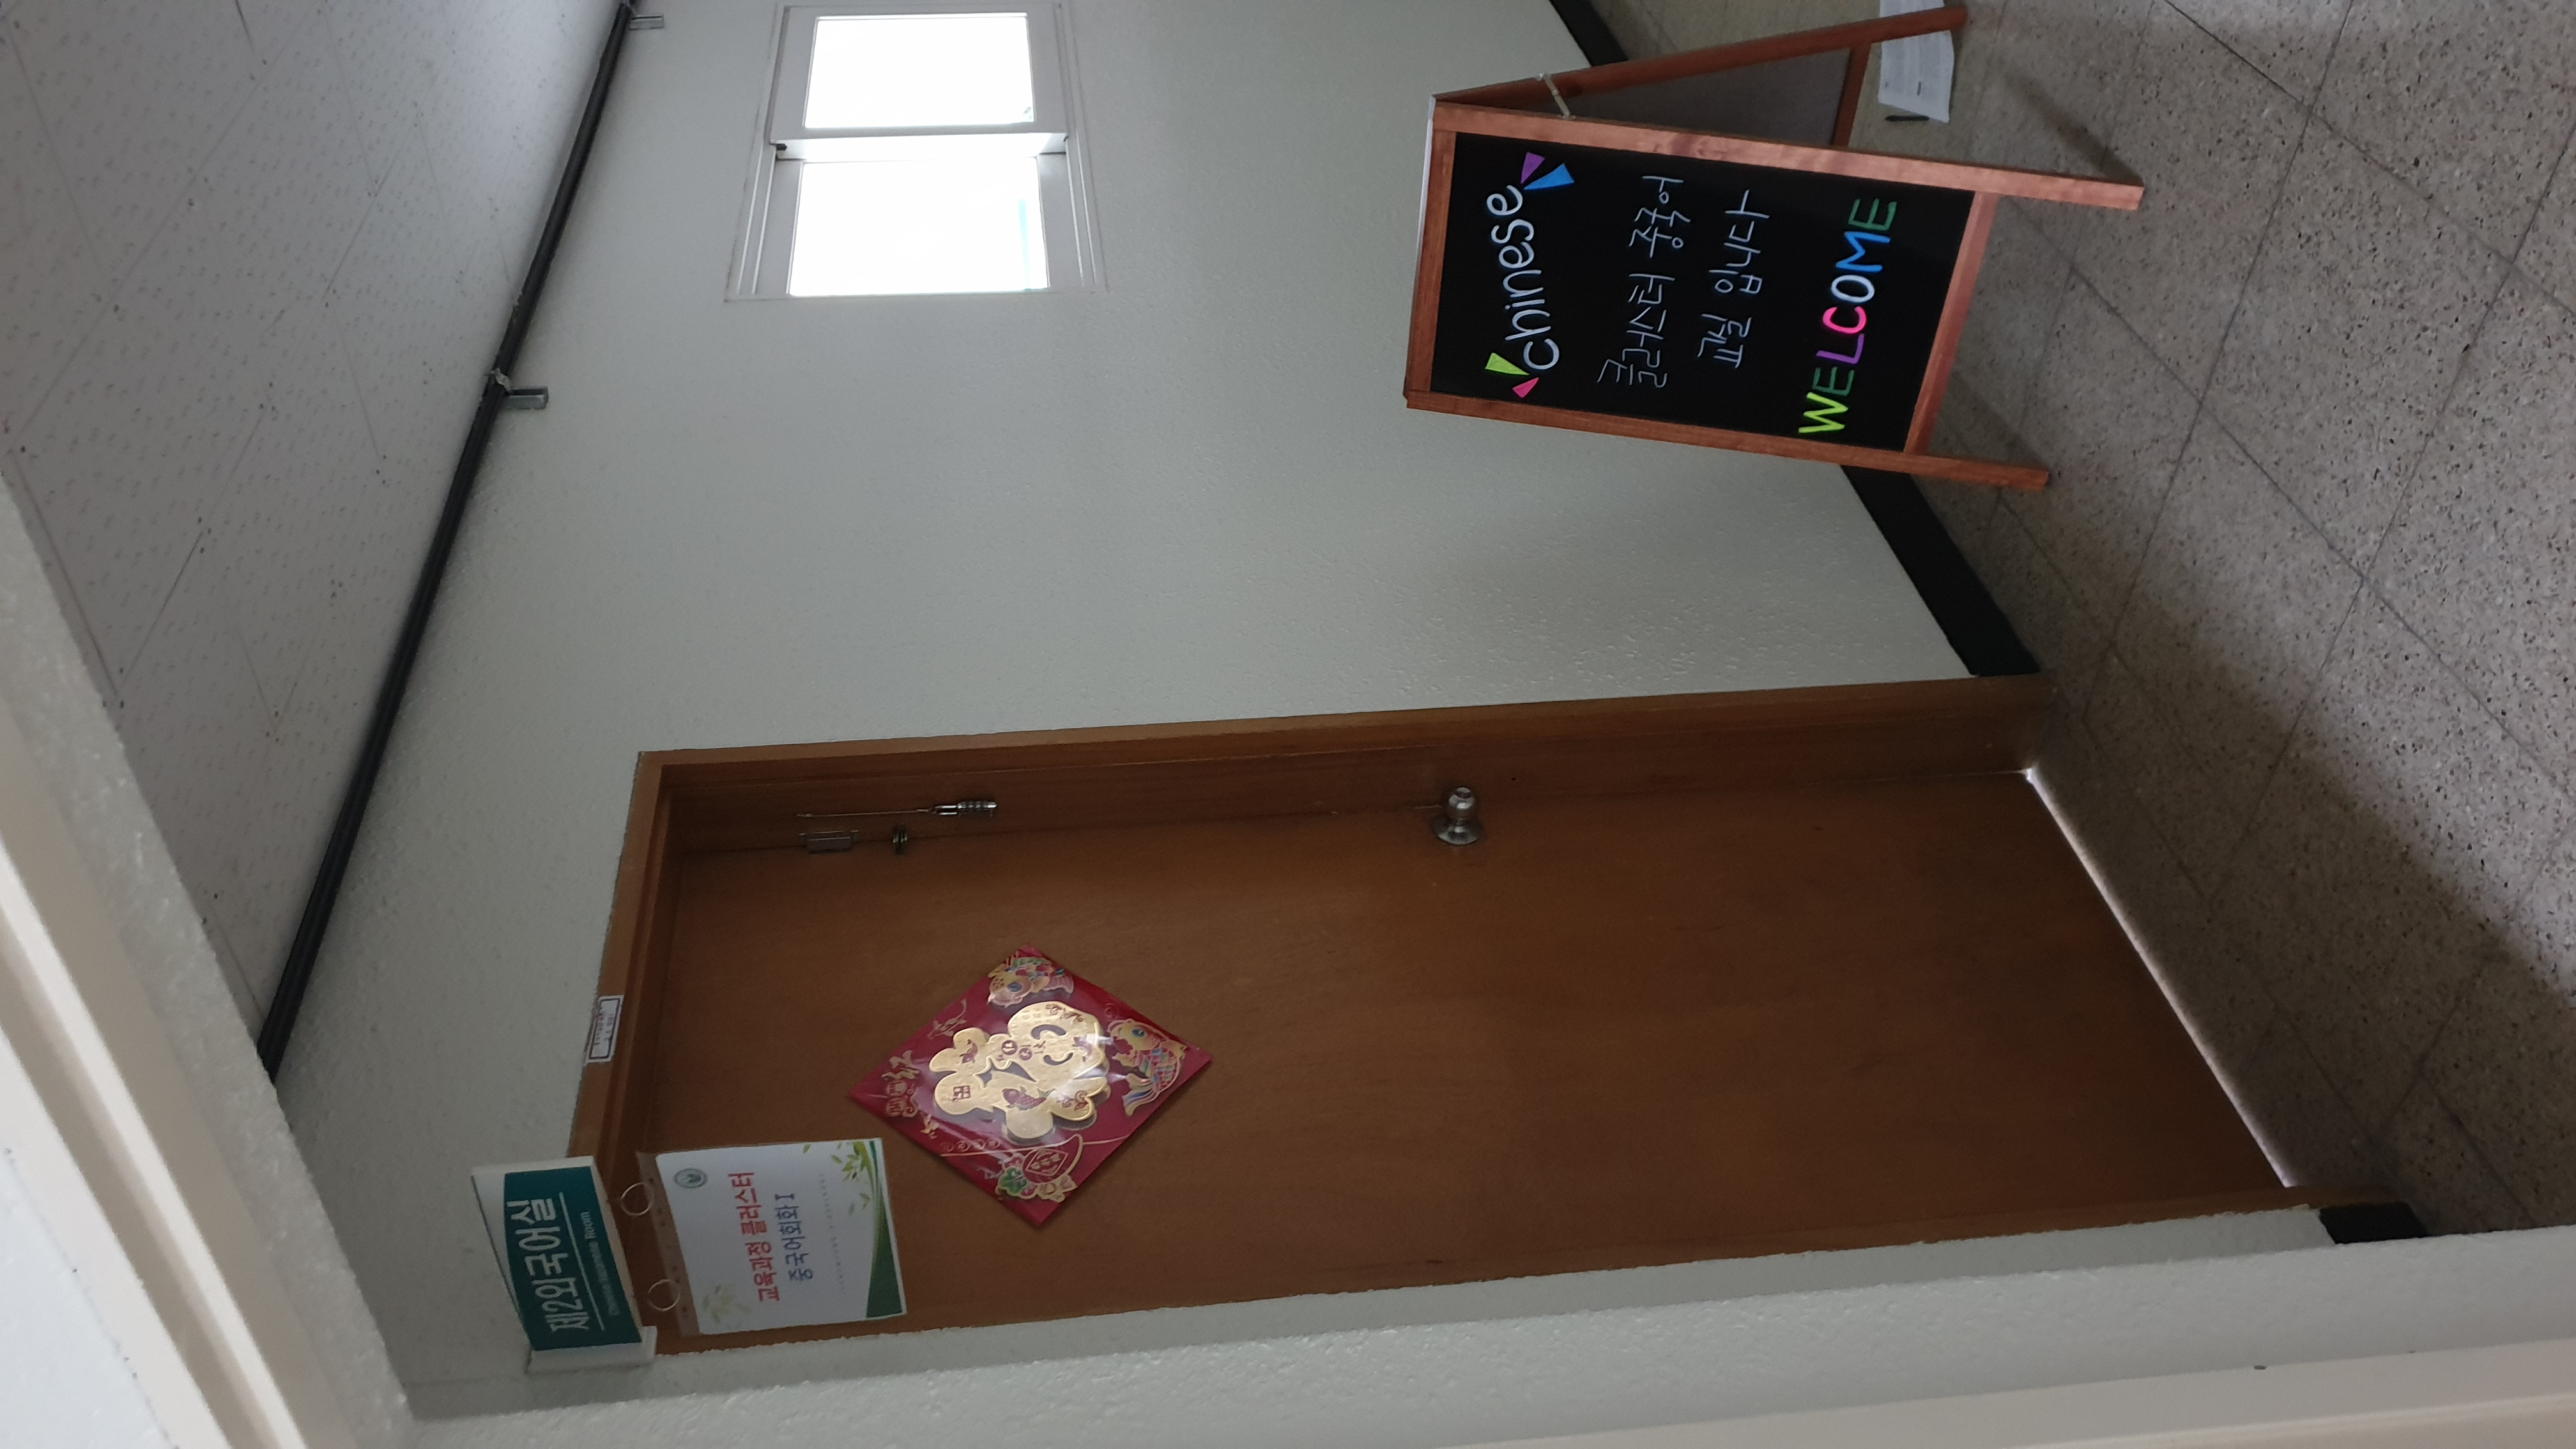 정명고 주문형강좌(보건)와 교육과정클러스터(중국어회화) 교실